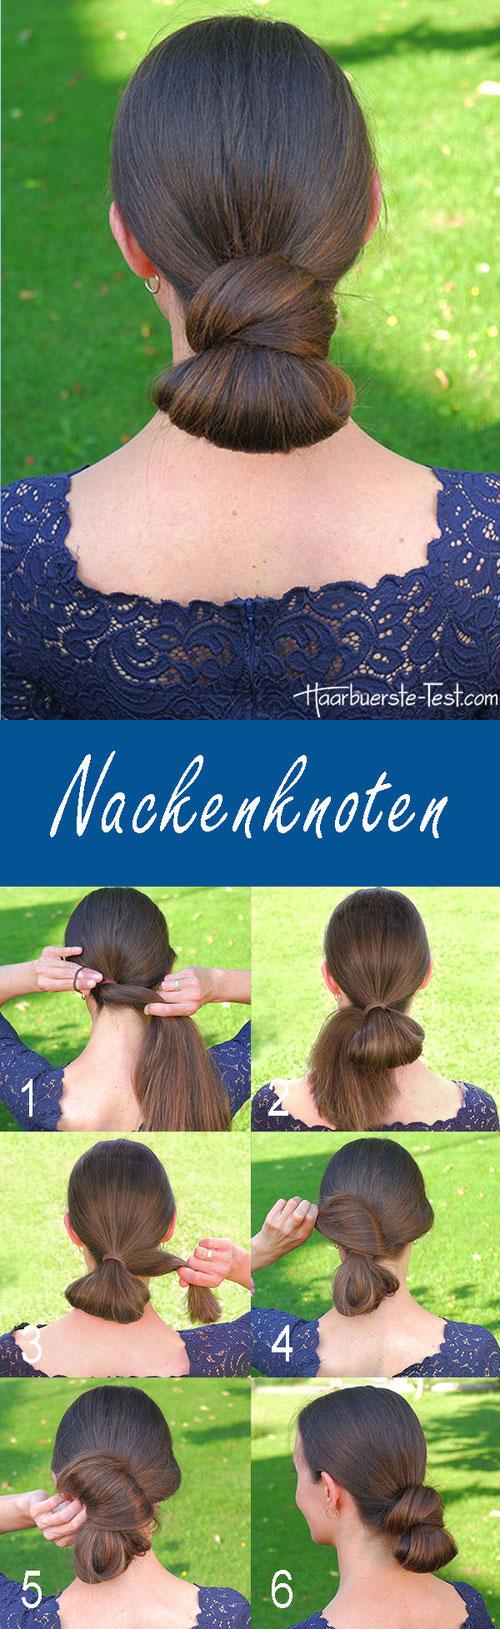 Nackenknoten Frisur Anleitung, Nackenknoten Anleitung